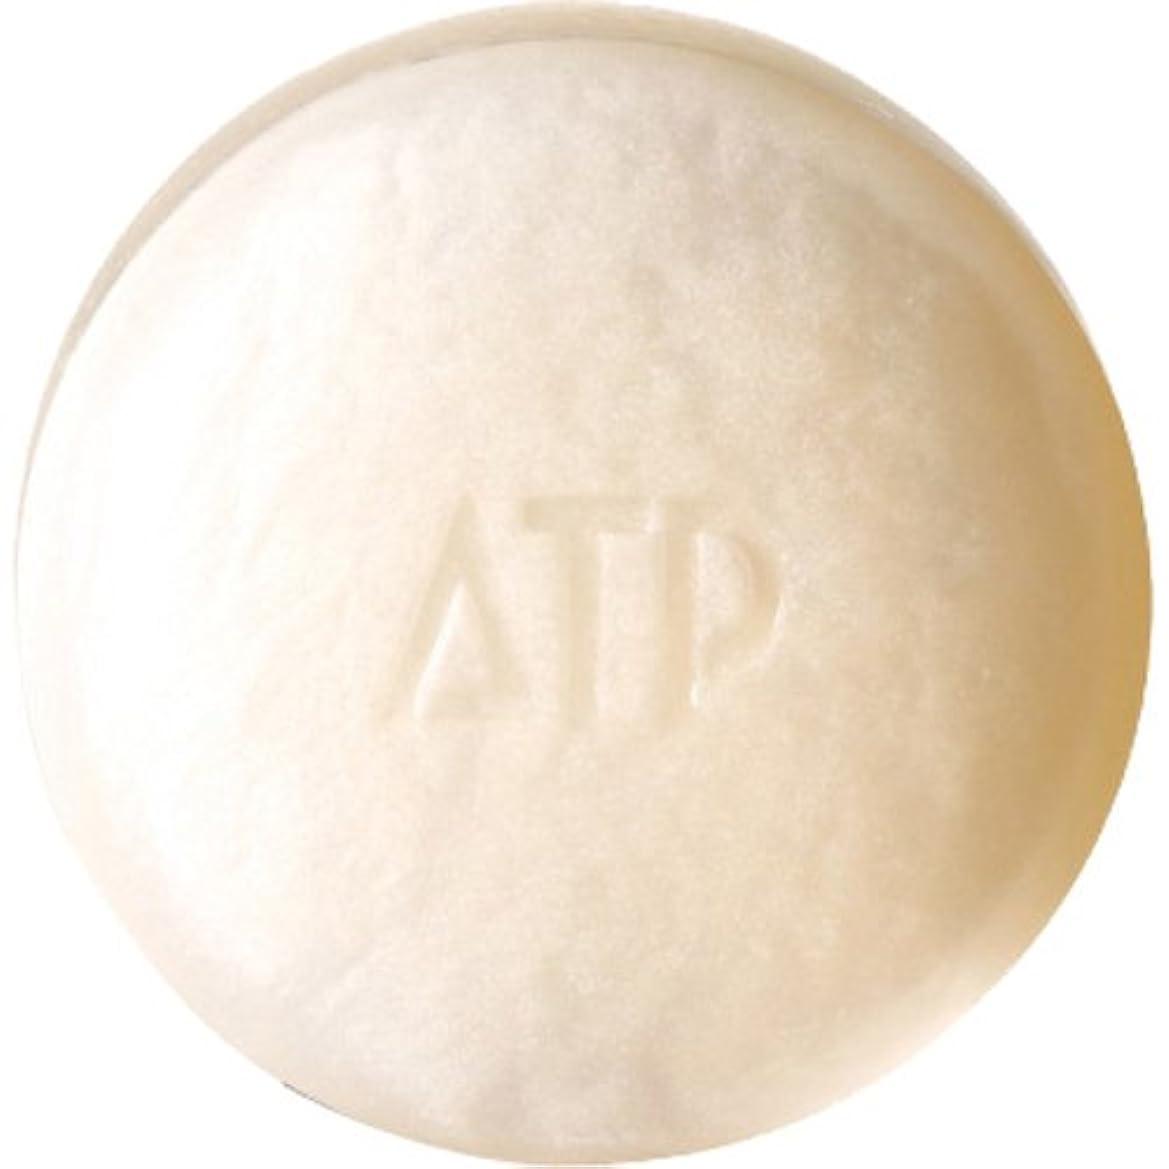 わざわざ疲れた初期の薬用ATP デリケアソープ 100g ケースなし (全身用洗浄石けん?枠練り) [医薬部外品]